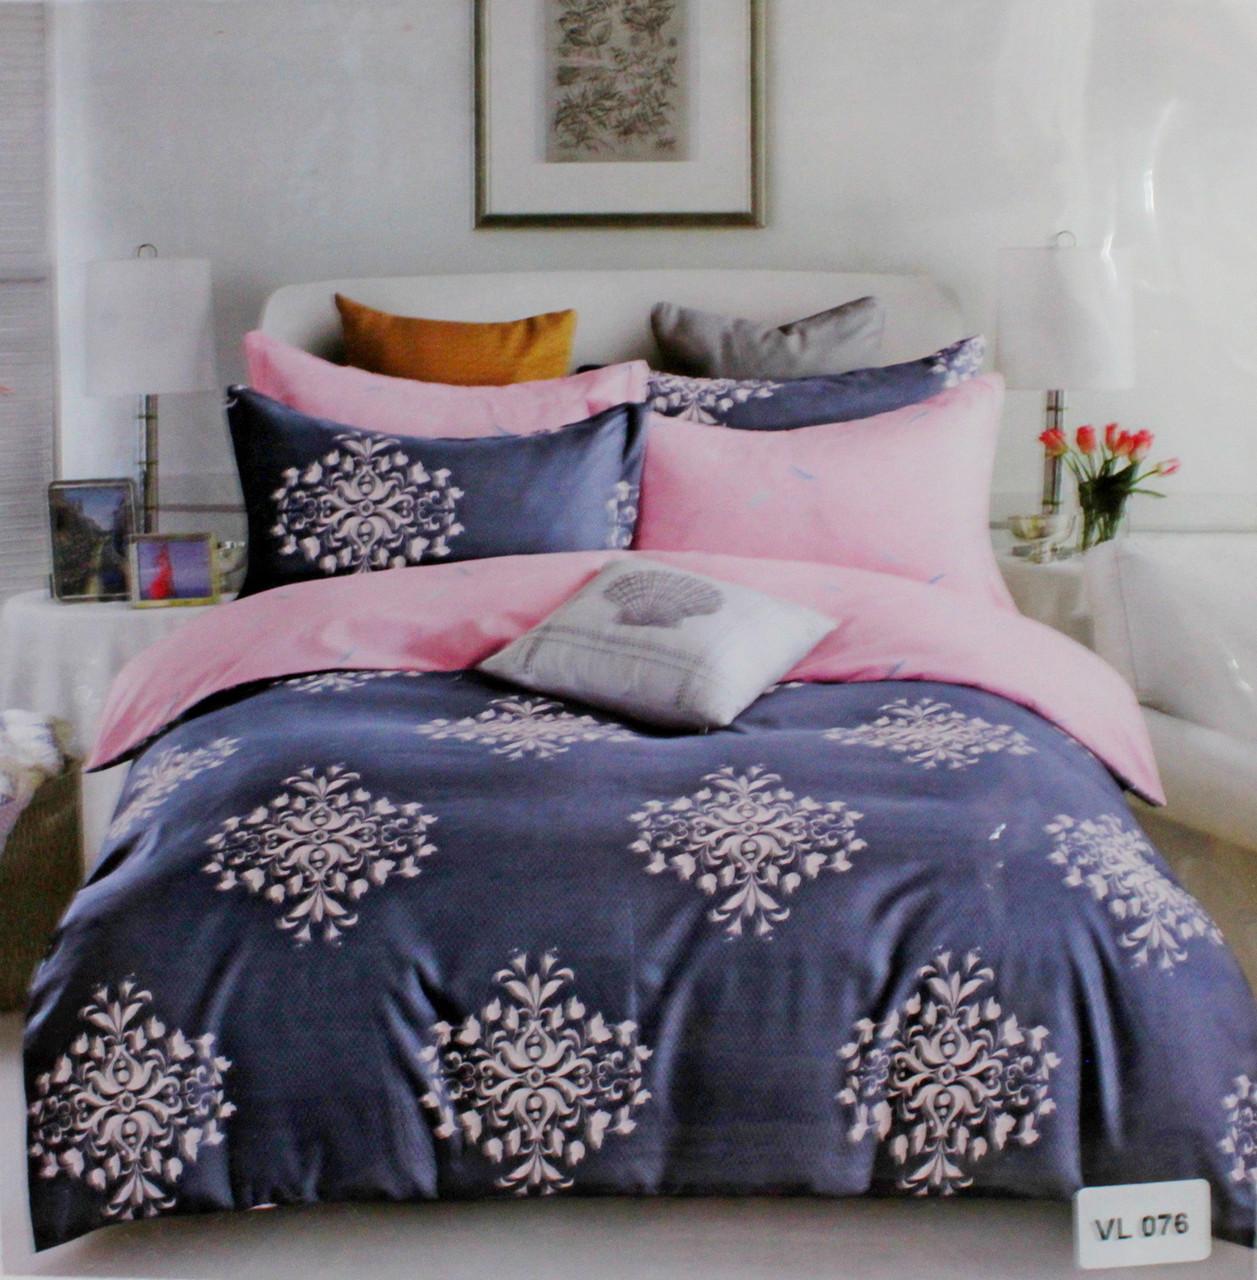 Комплект постельного белья микровелюр Vie Nouvelle Velour 200х220  VL076